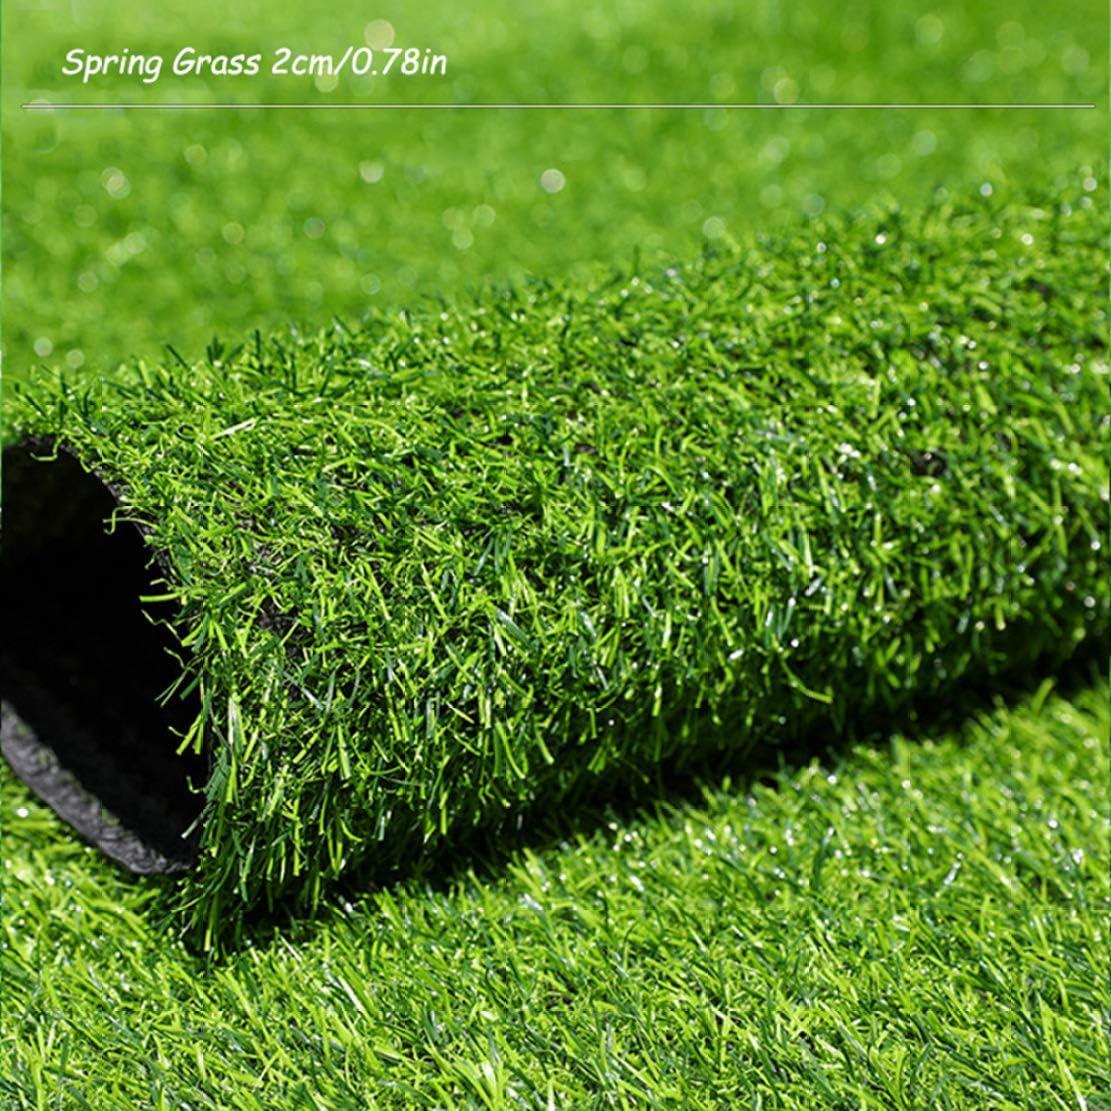 JLDN 人工芝マット、人工フェイクグラスカーペット ドレン穴付き ラバーバッキング 屋外の庭の装飾 2センチメートル/ 0,78inパイル高さ,Spring Grass_5x2m/15x6ft